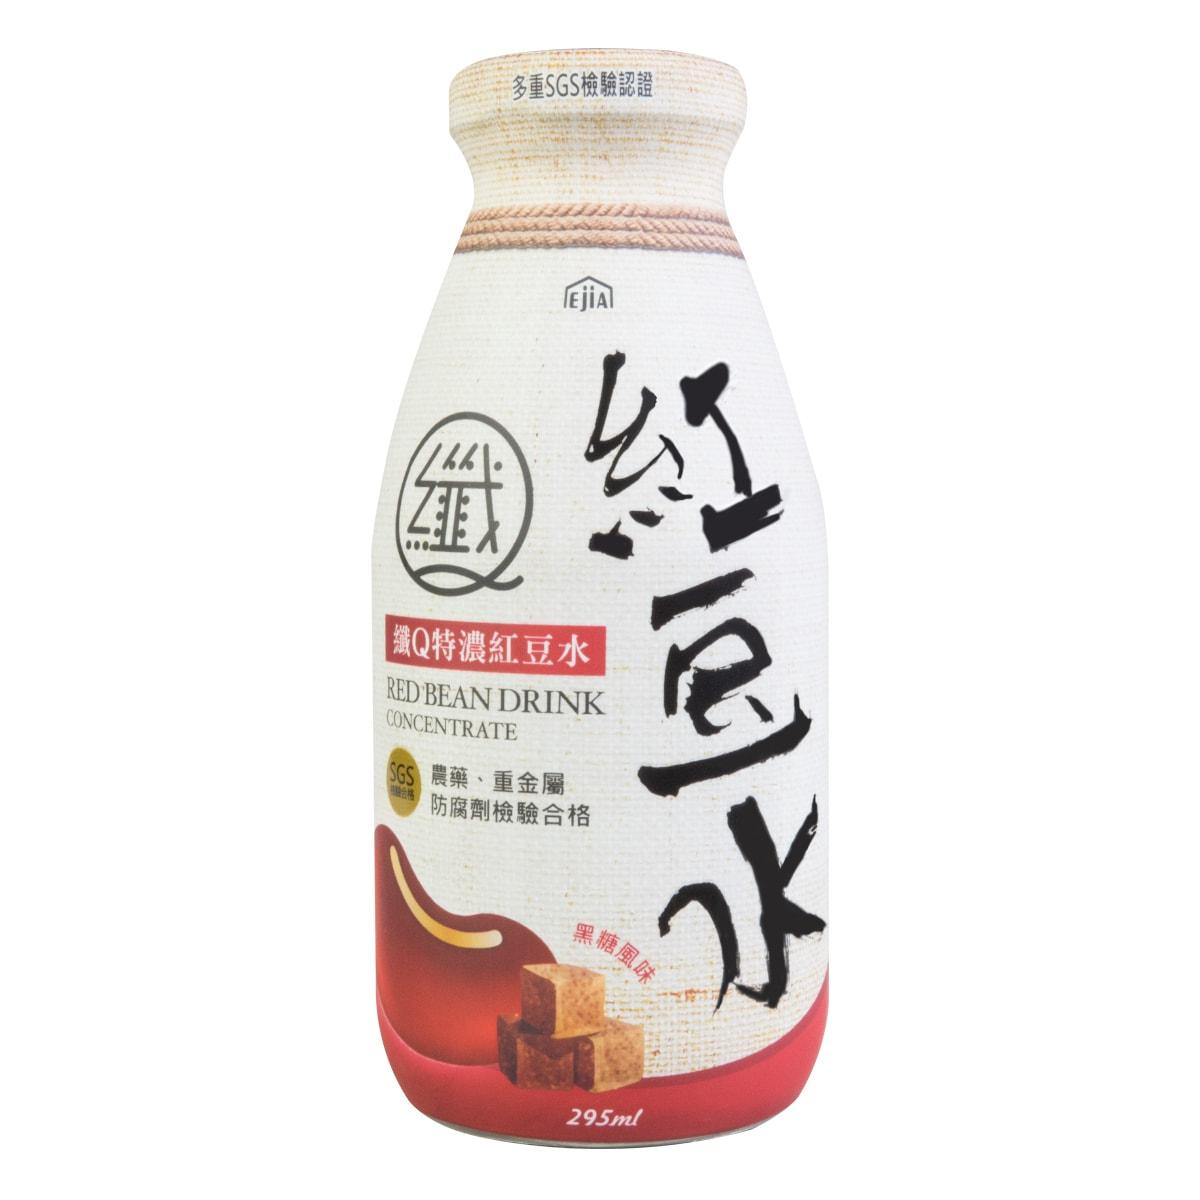 EJIA Red Bean Drink Brown Sugar Flavor 295ml